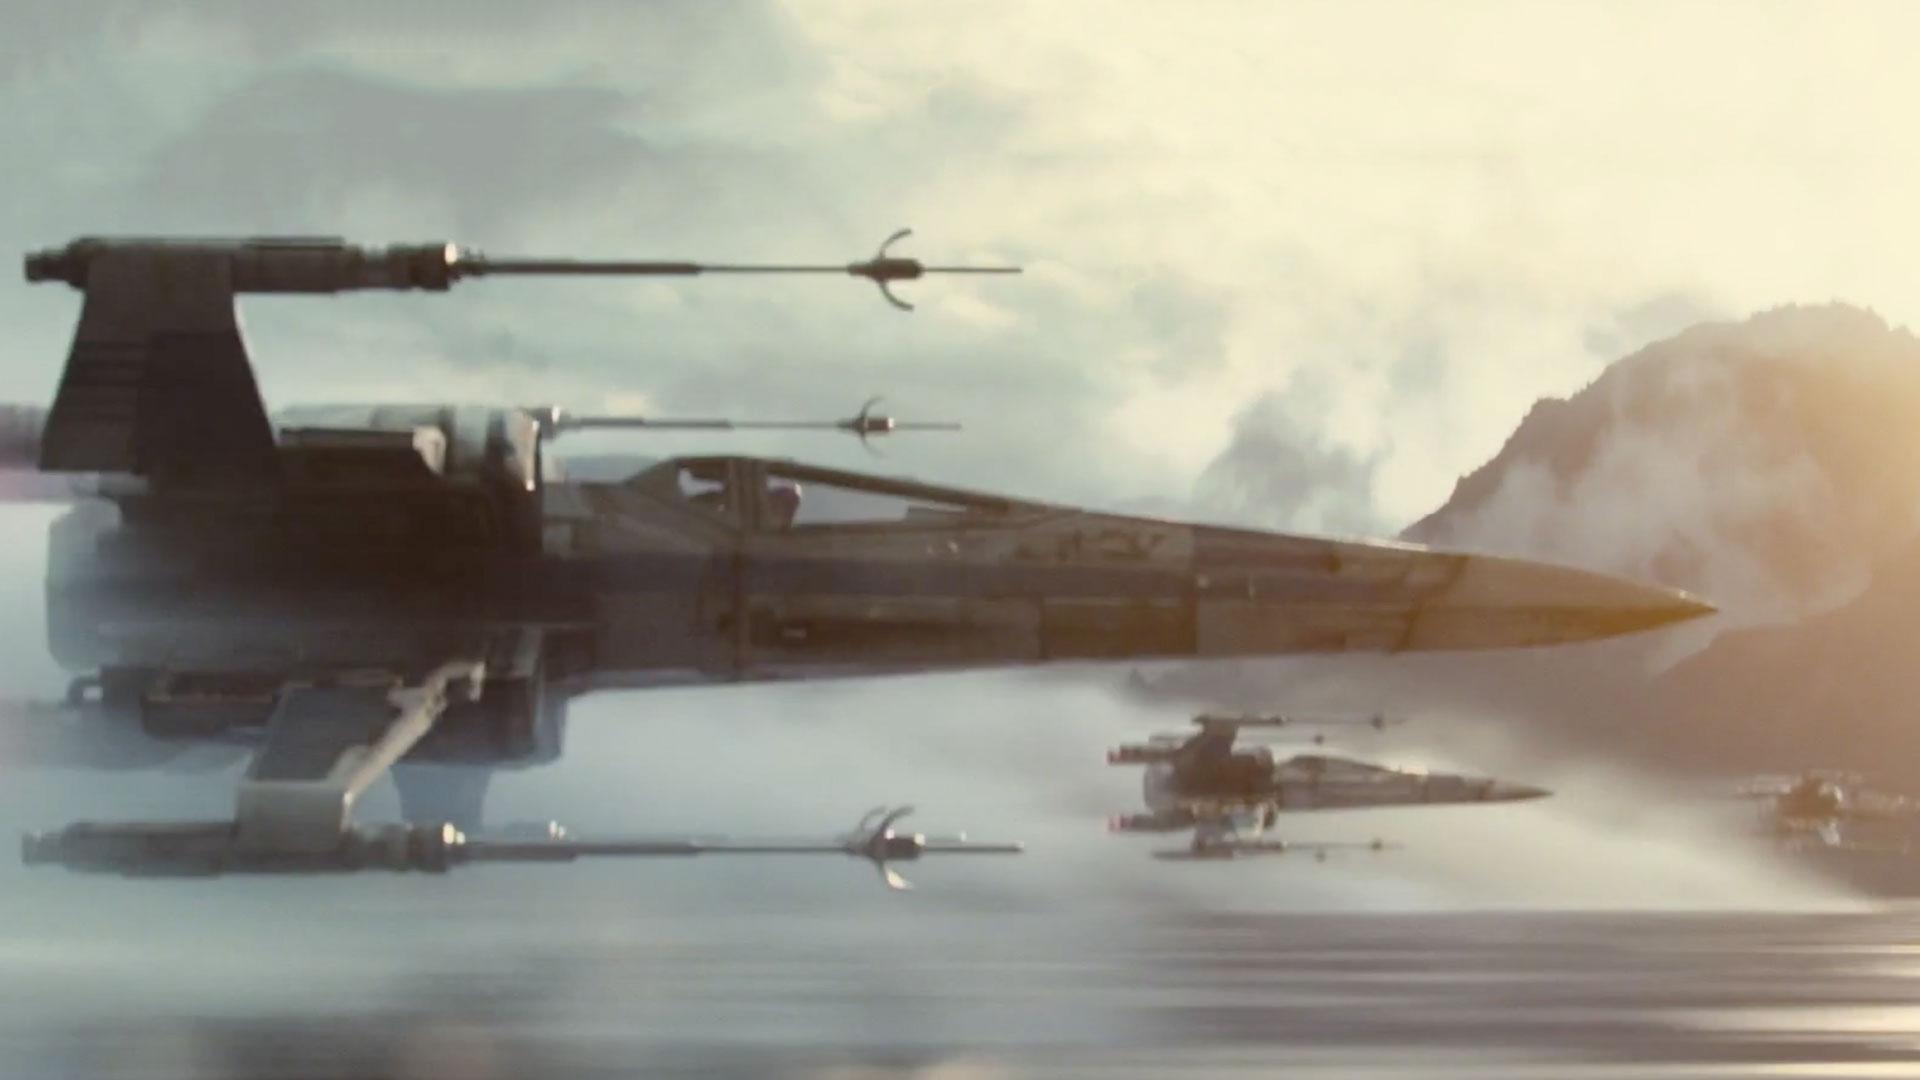 算是飞船吧